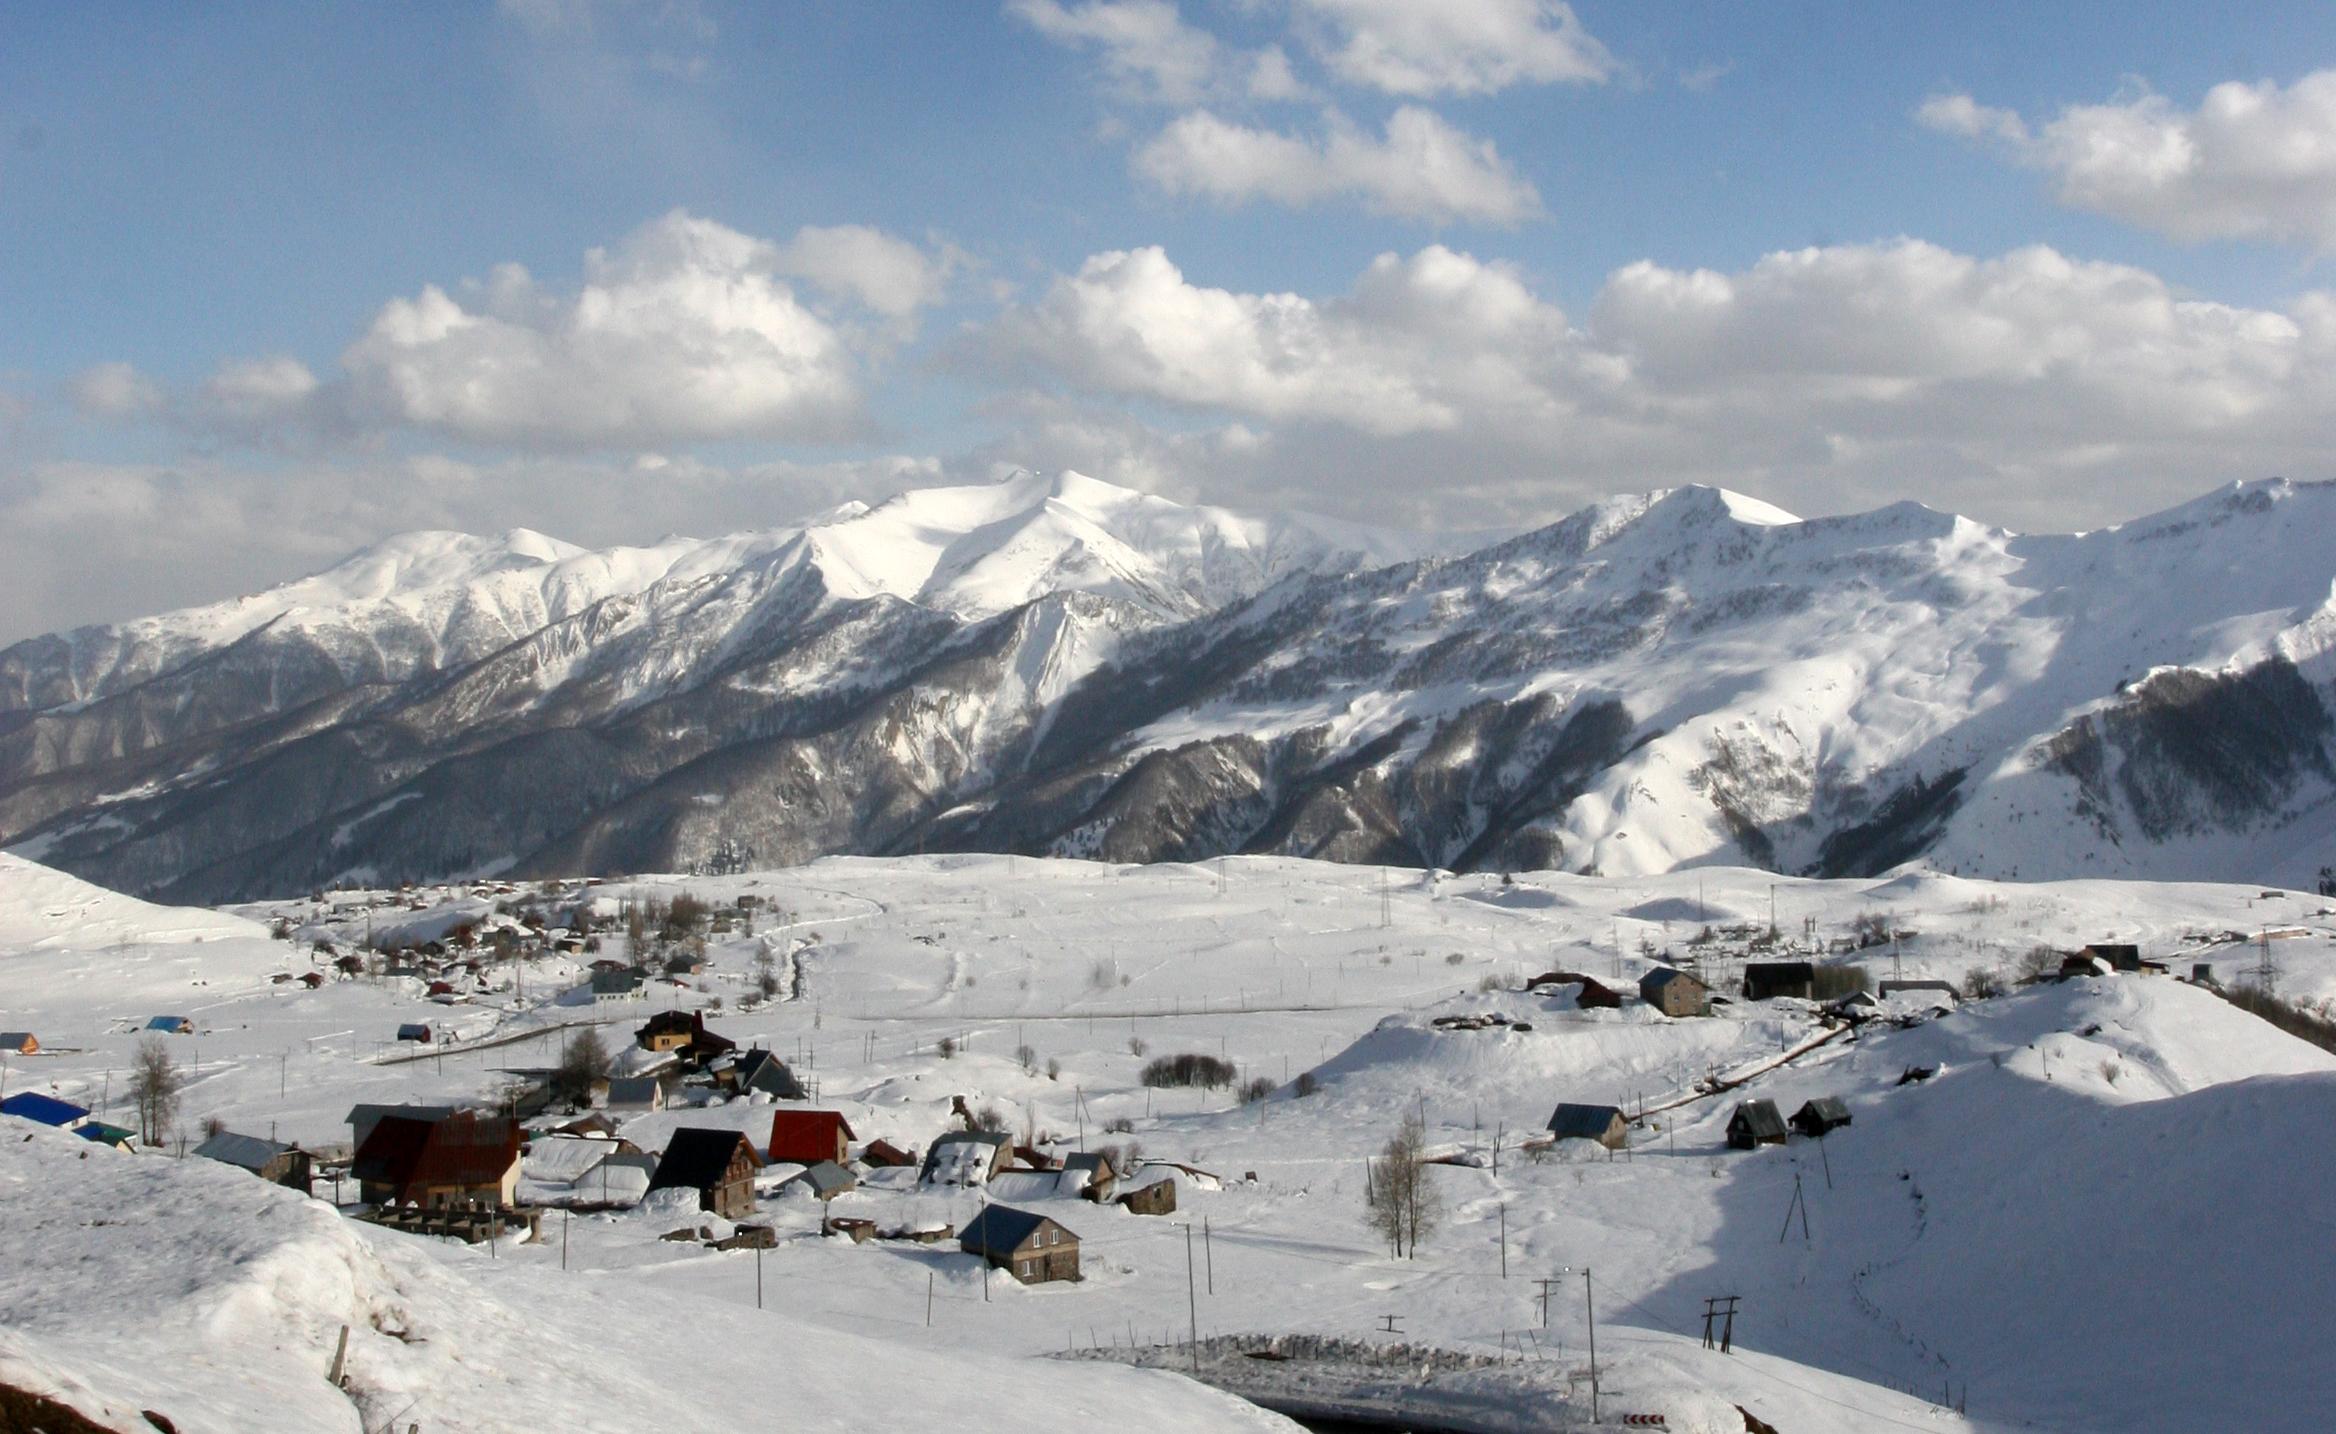 SKIFERIE: Gaudari ligger 2000 m.o h. og er en liten fjelllandsby med inntil 5000 meter høye topper rundt.